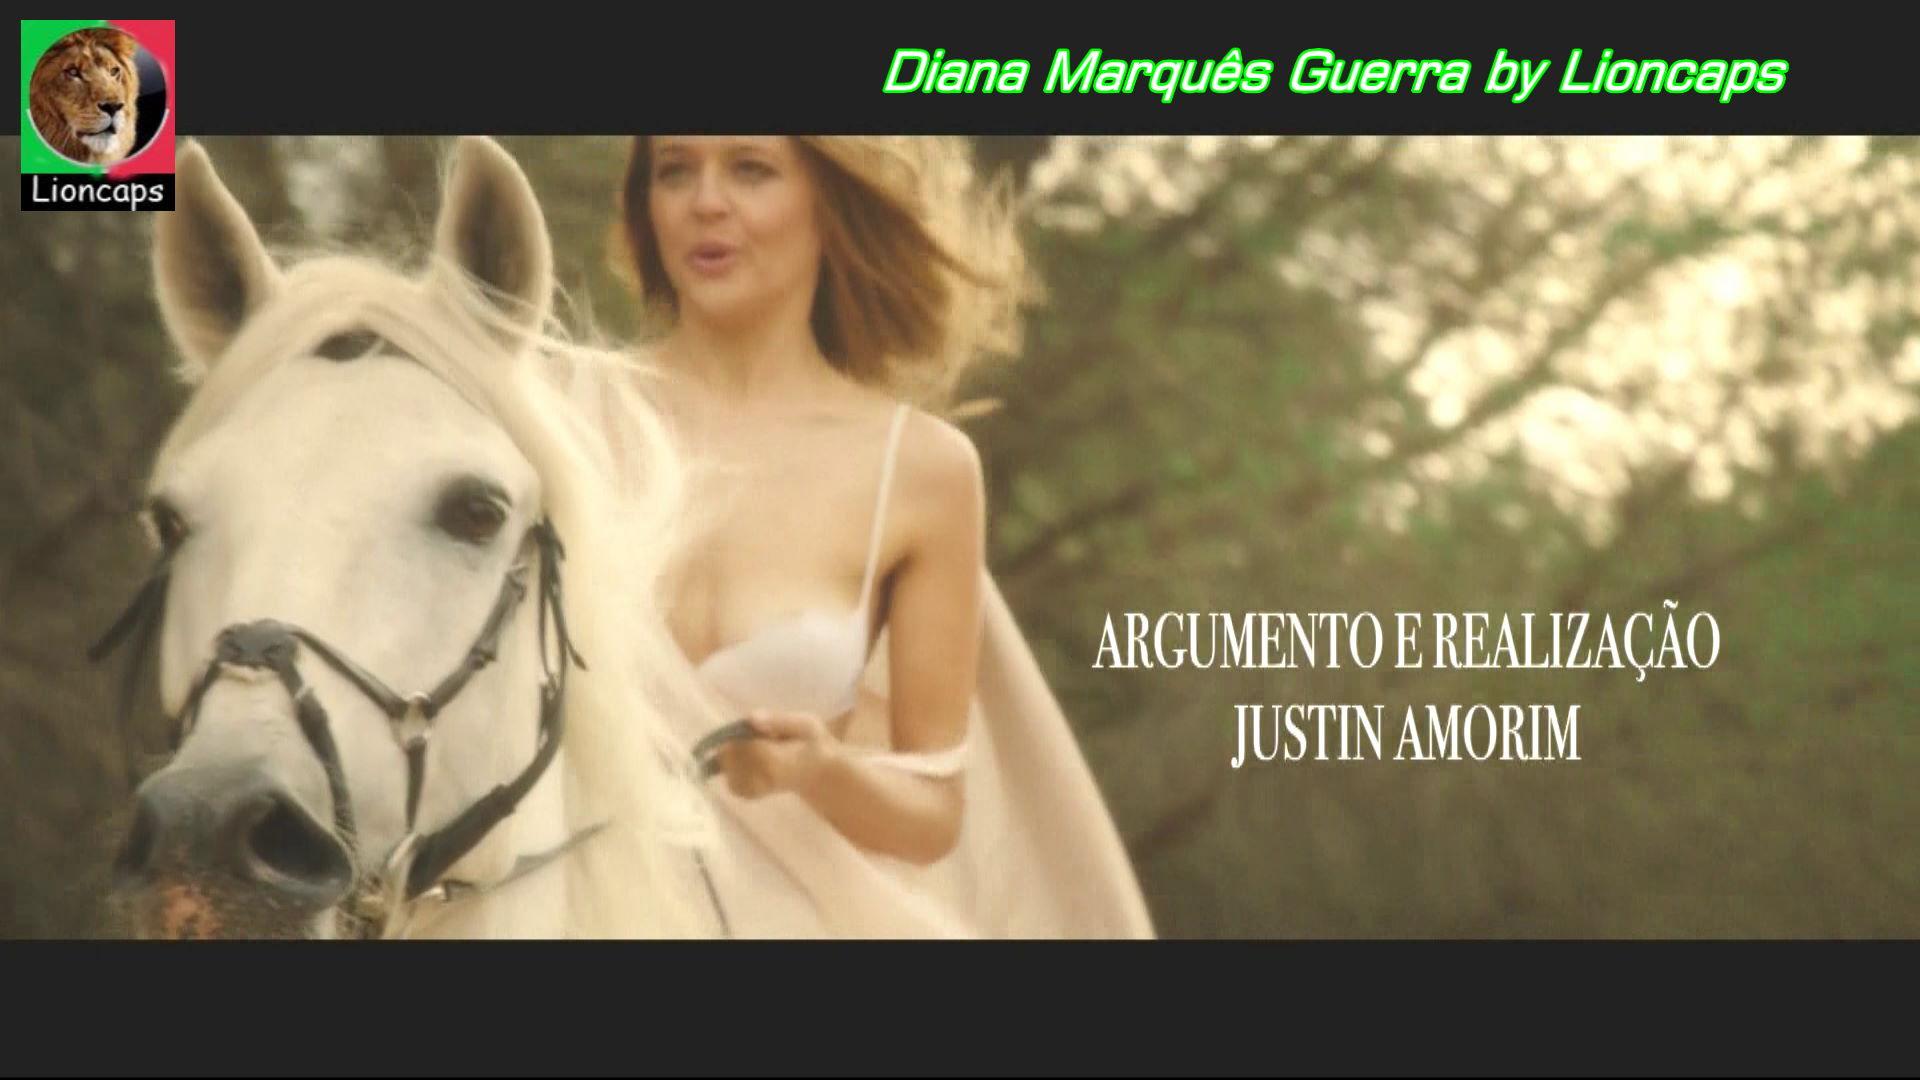 492745535_diana_marques_guerra_vs181117_0011_122_37lo.JPG